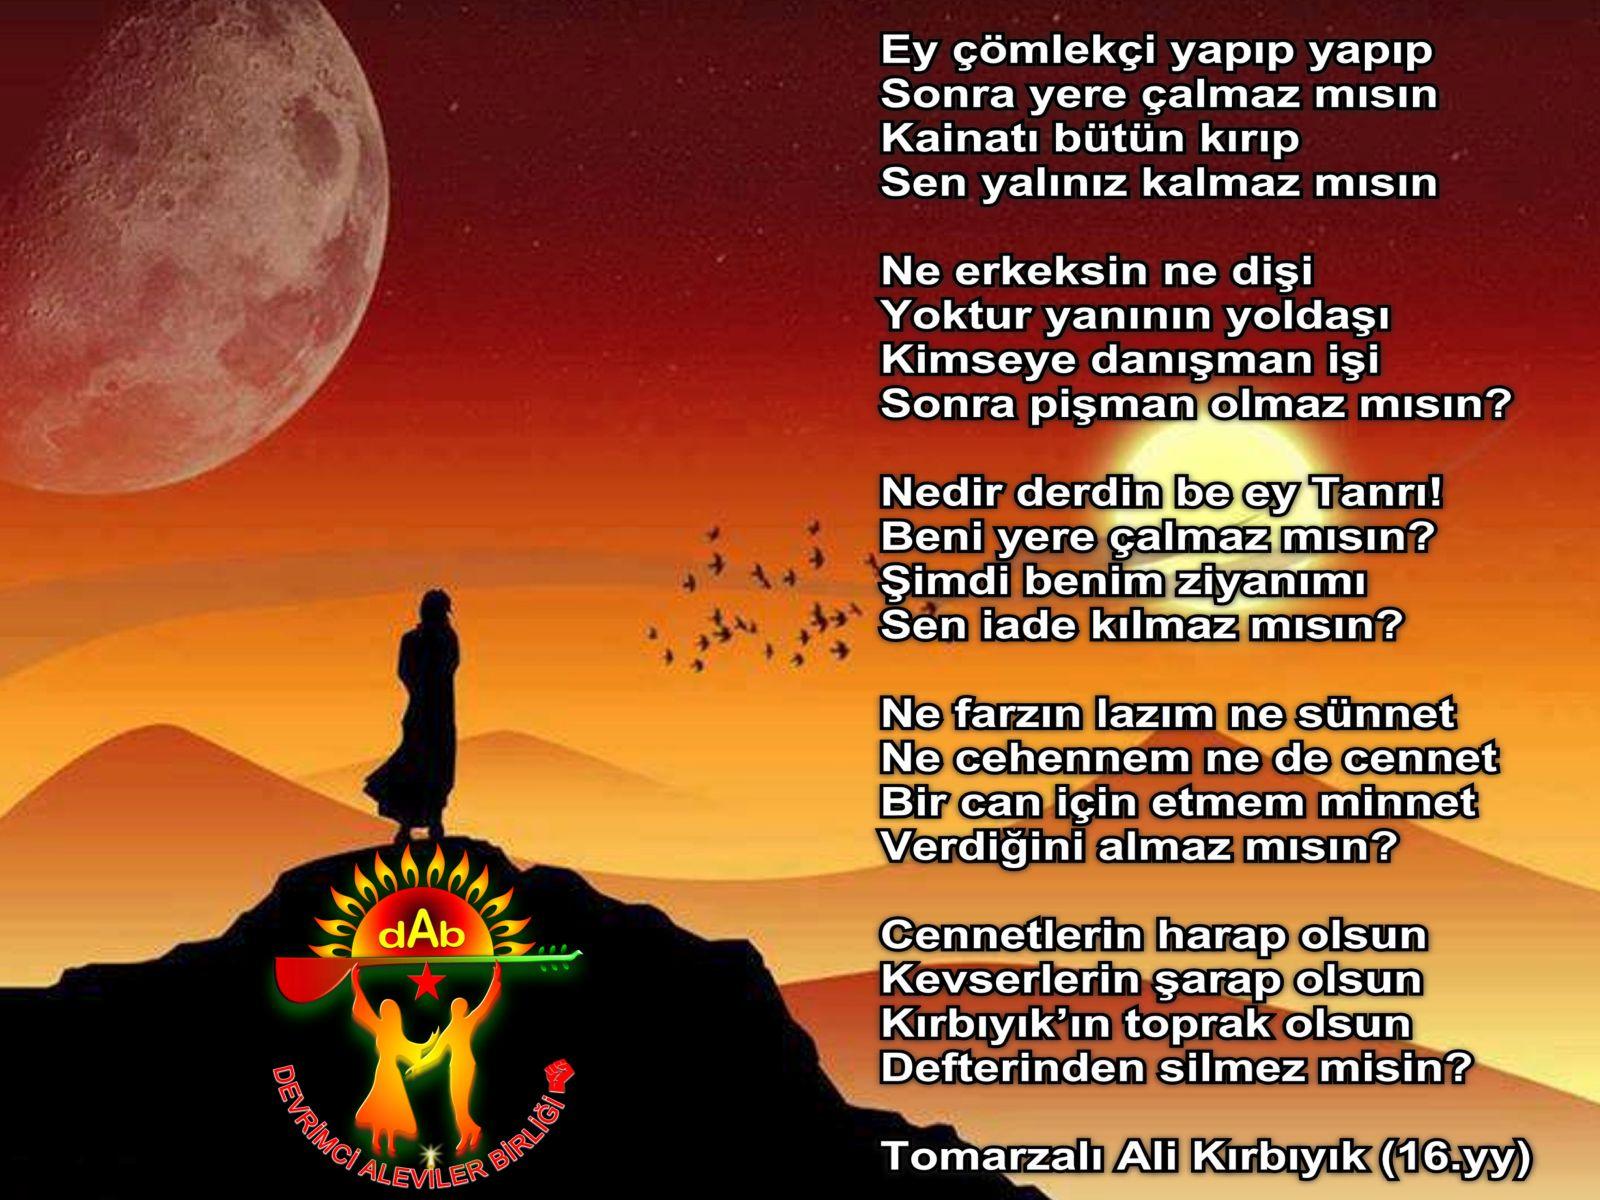 Alevi Bektaşi Kızılbaş Pir Sultan İslam dışı Atatürk faşist ehlibeyt 12 imam Devrimci Aleviler Birliği DAB canakci